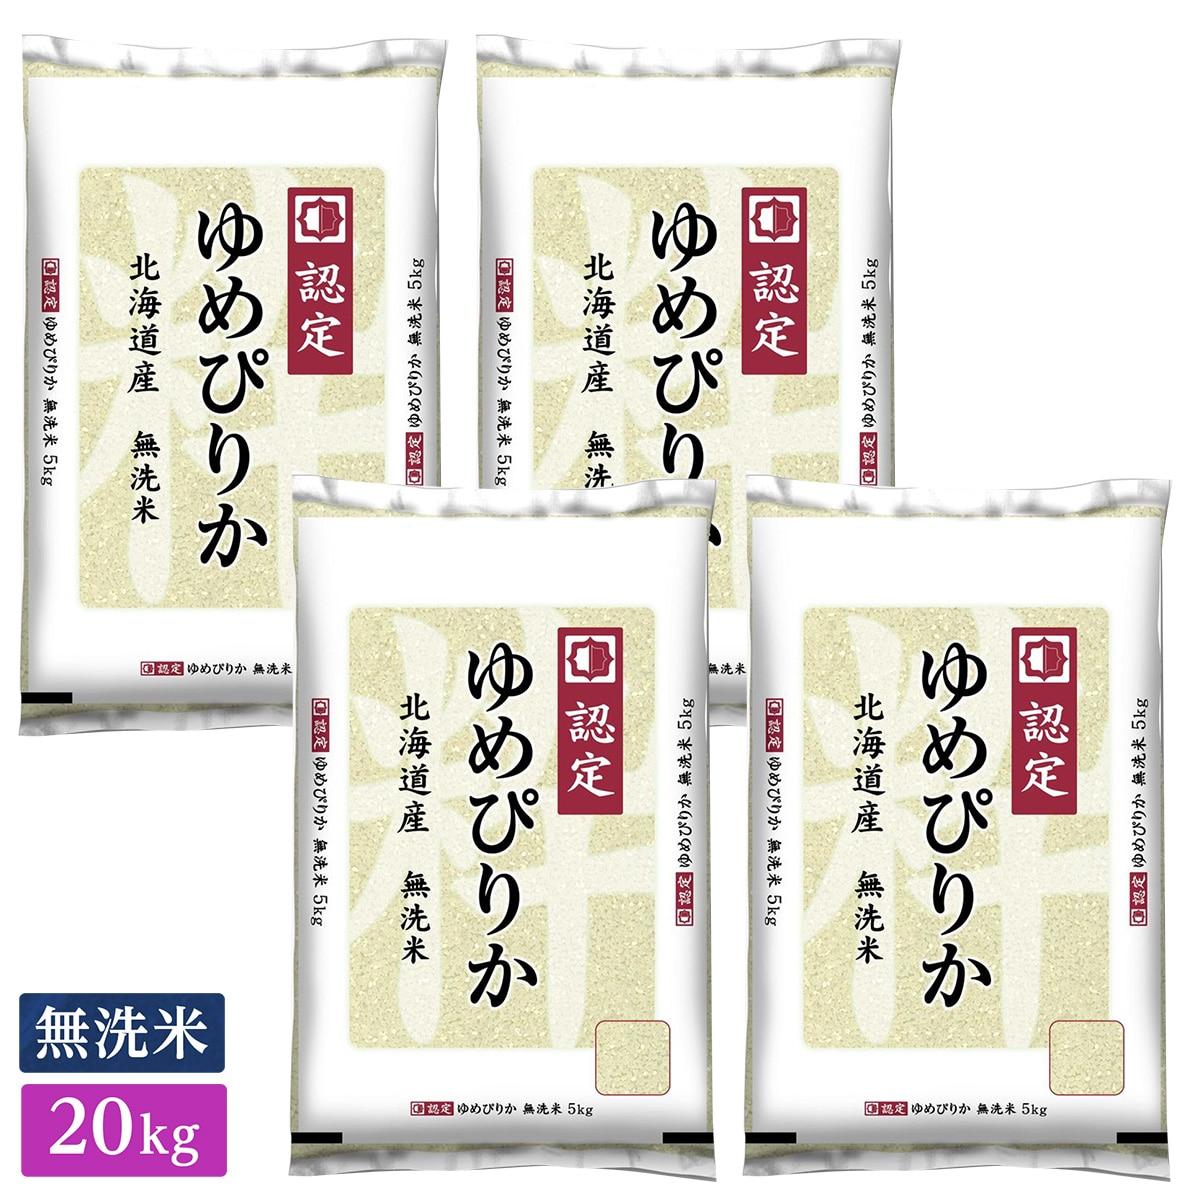 【送料無料】■◇新米 無洗米 令和3年産 北海道産 特A ゆめぴりか 20kg(5kg×4袋)